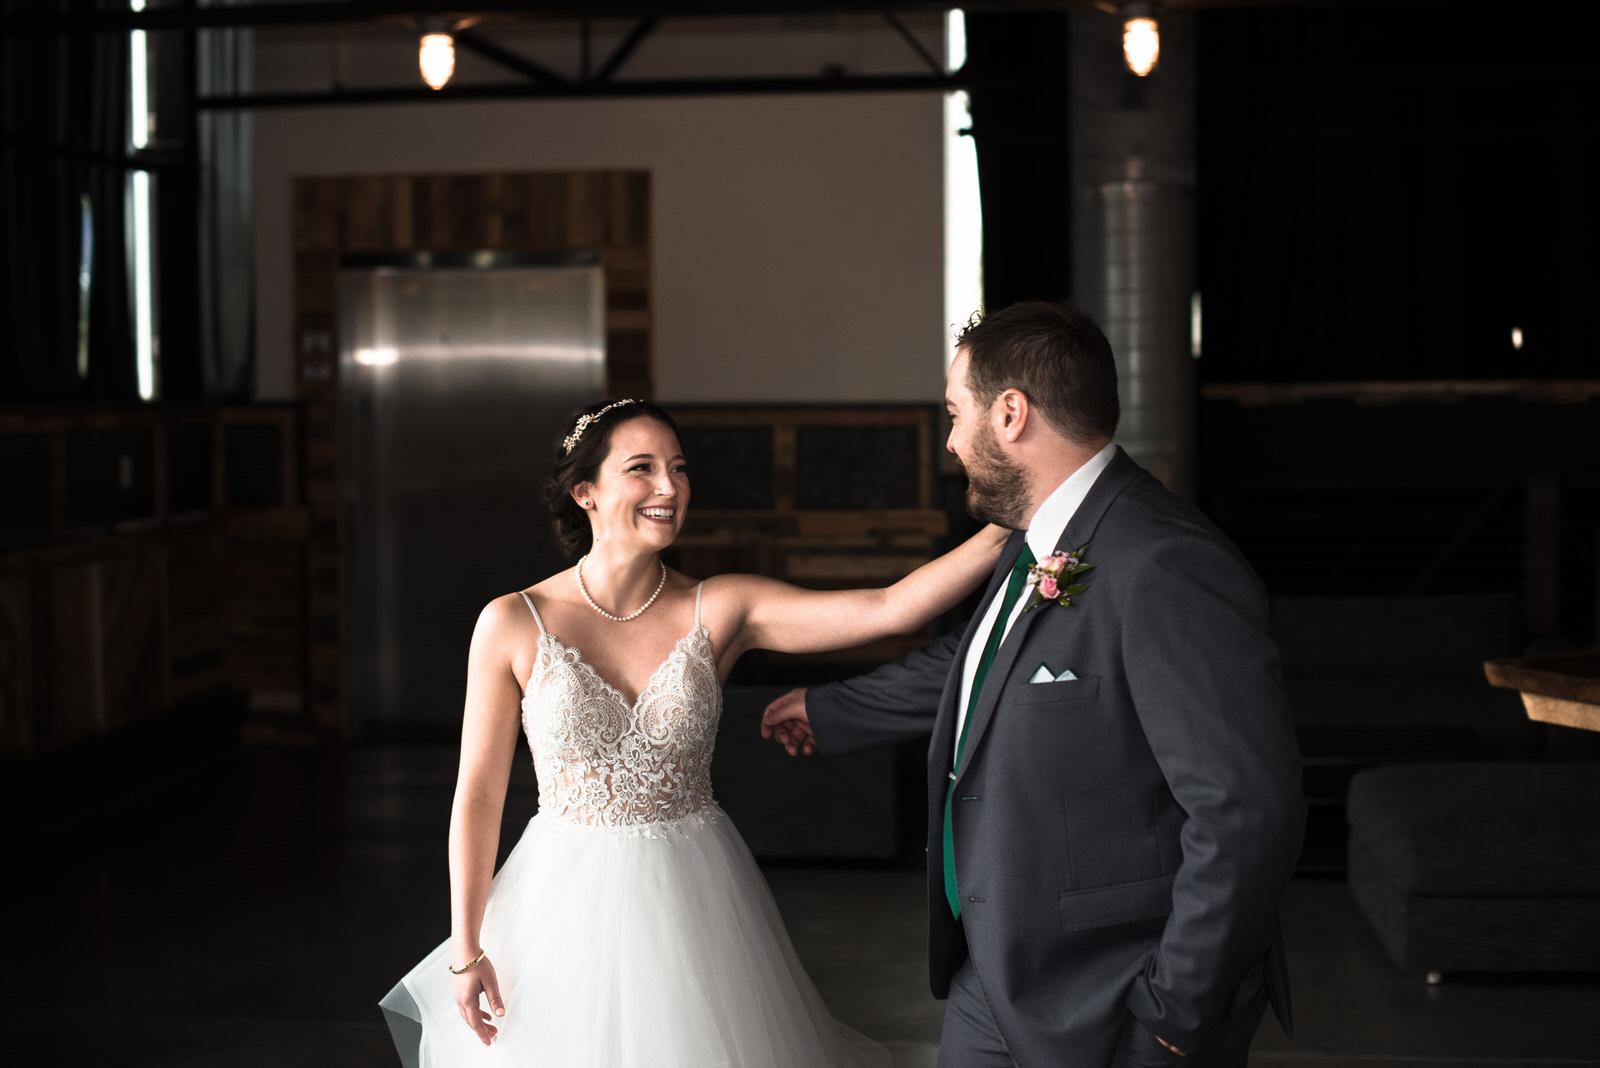 Highland-Brewing-Company-WeddingWedding-112.jpg